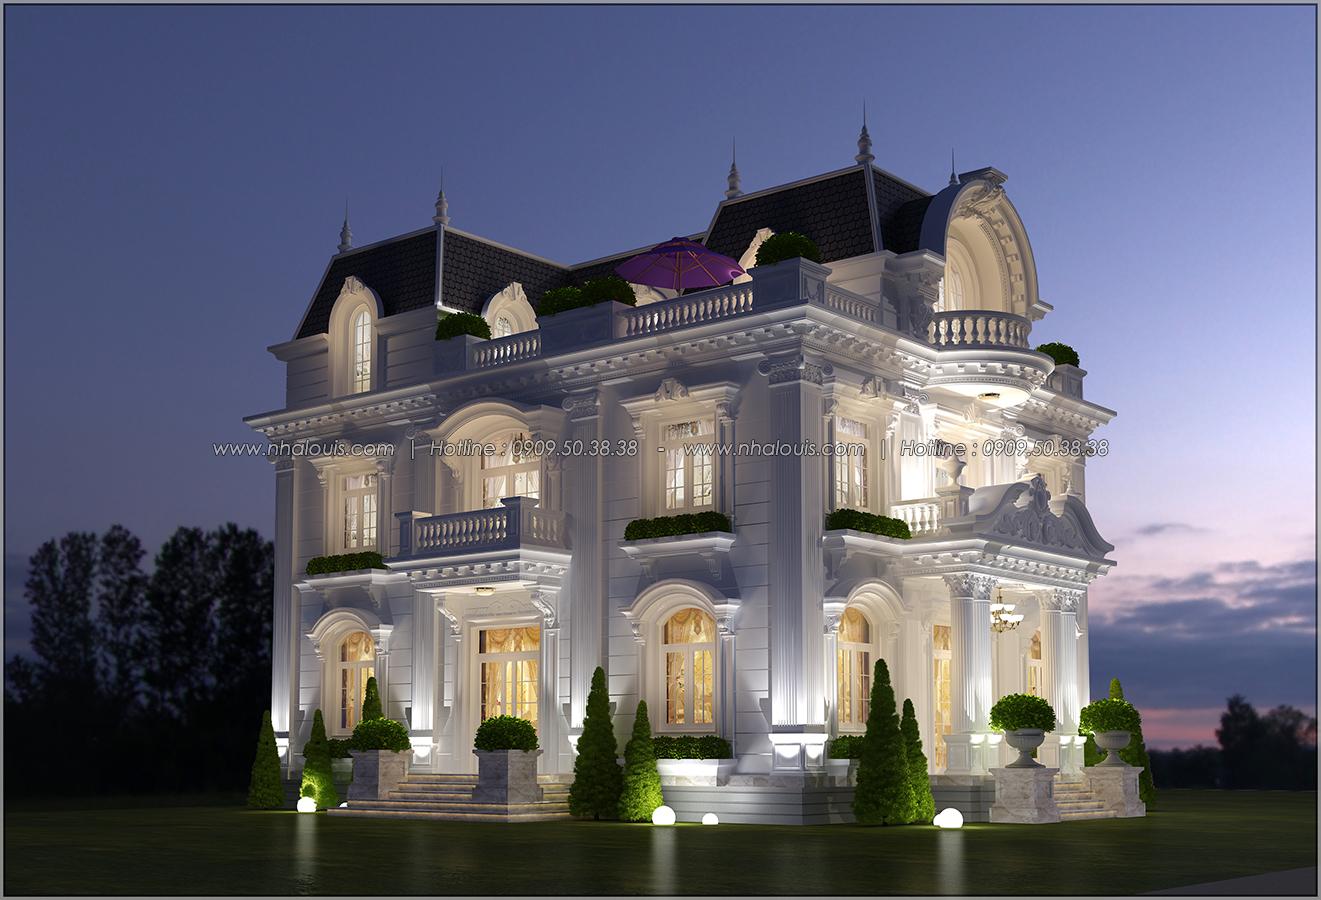 Mê mẩn với thiết kế biệt thự kiểu Pháp tại Biên Hòa đẹp kiêu sa, diễm lệ - 4